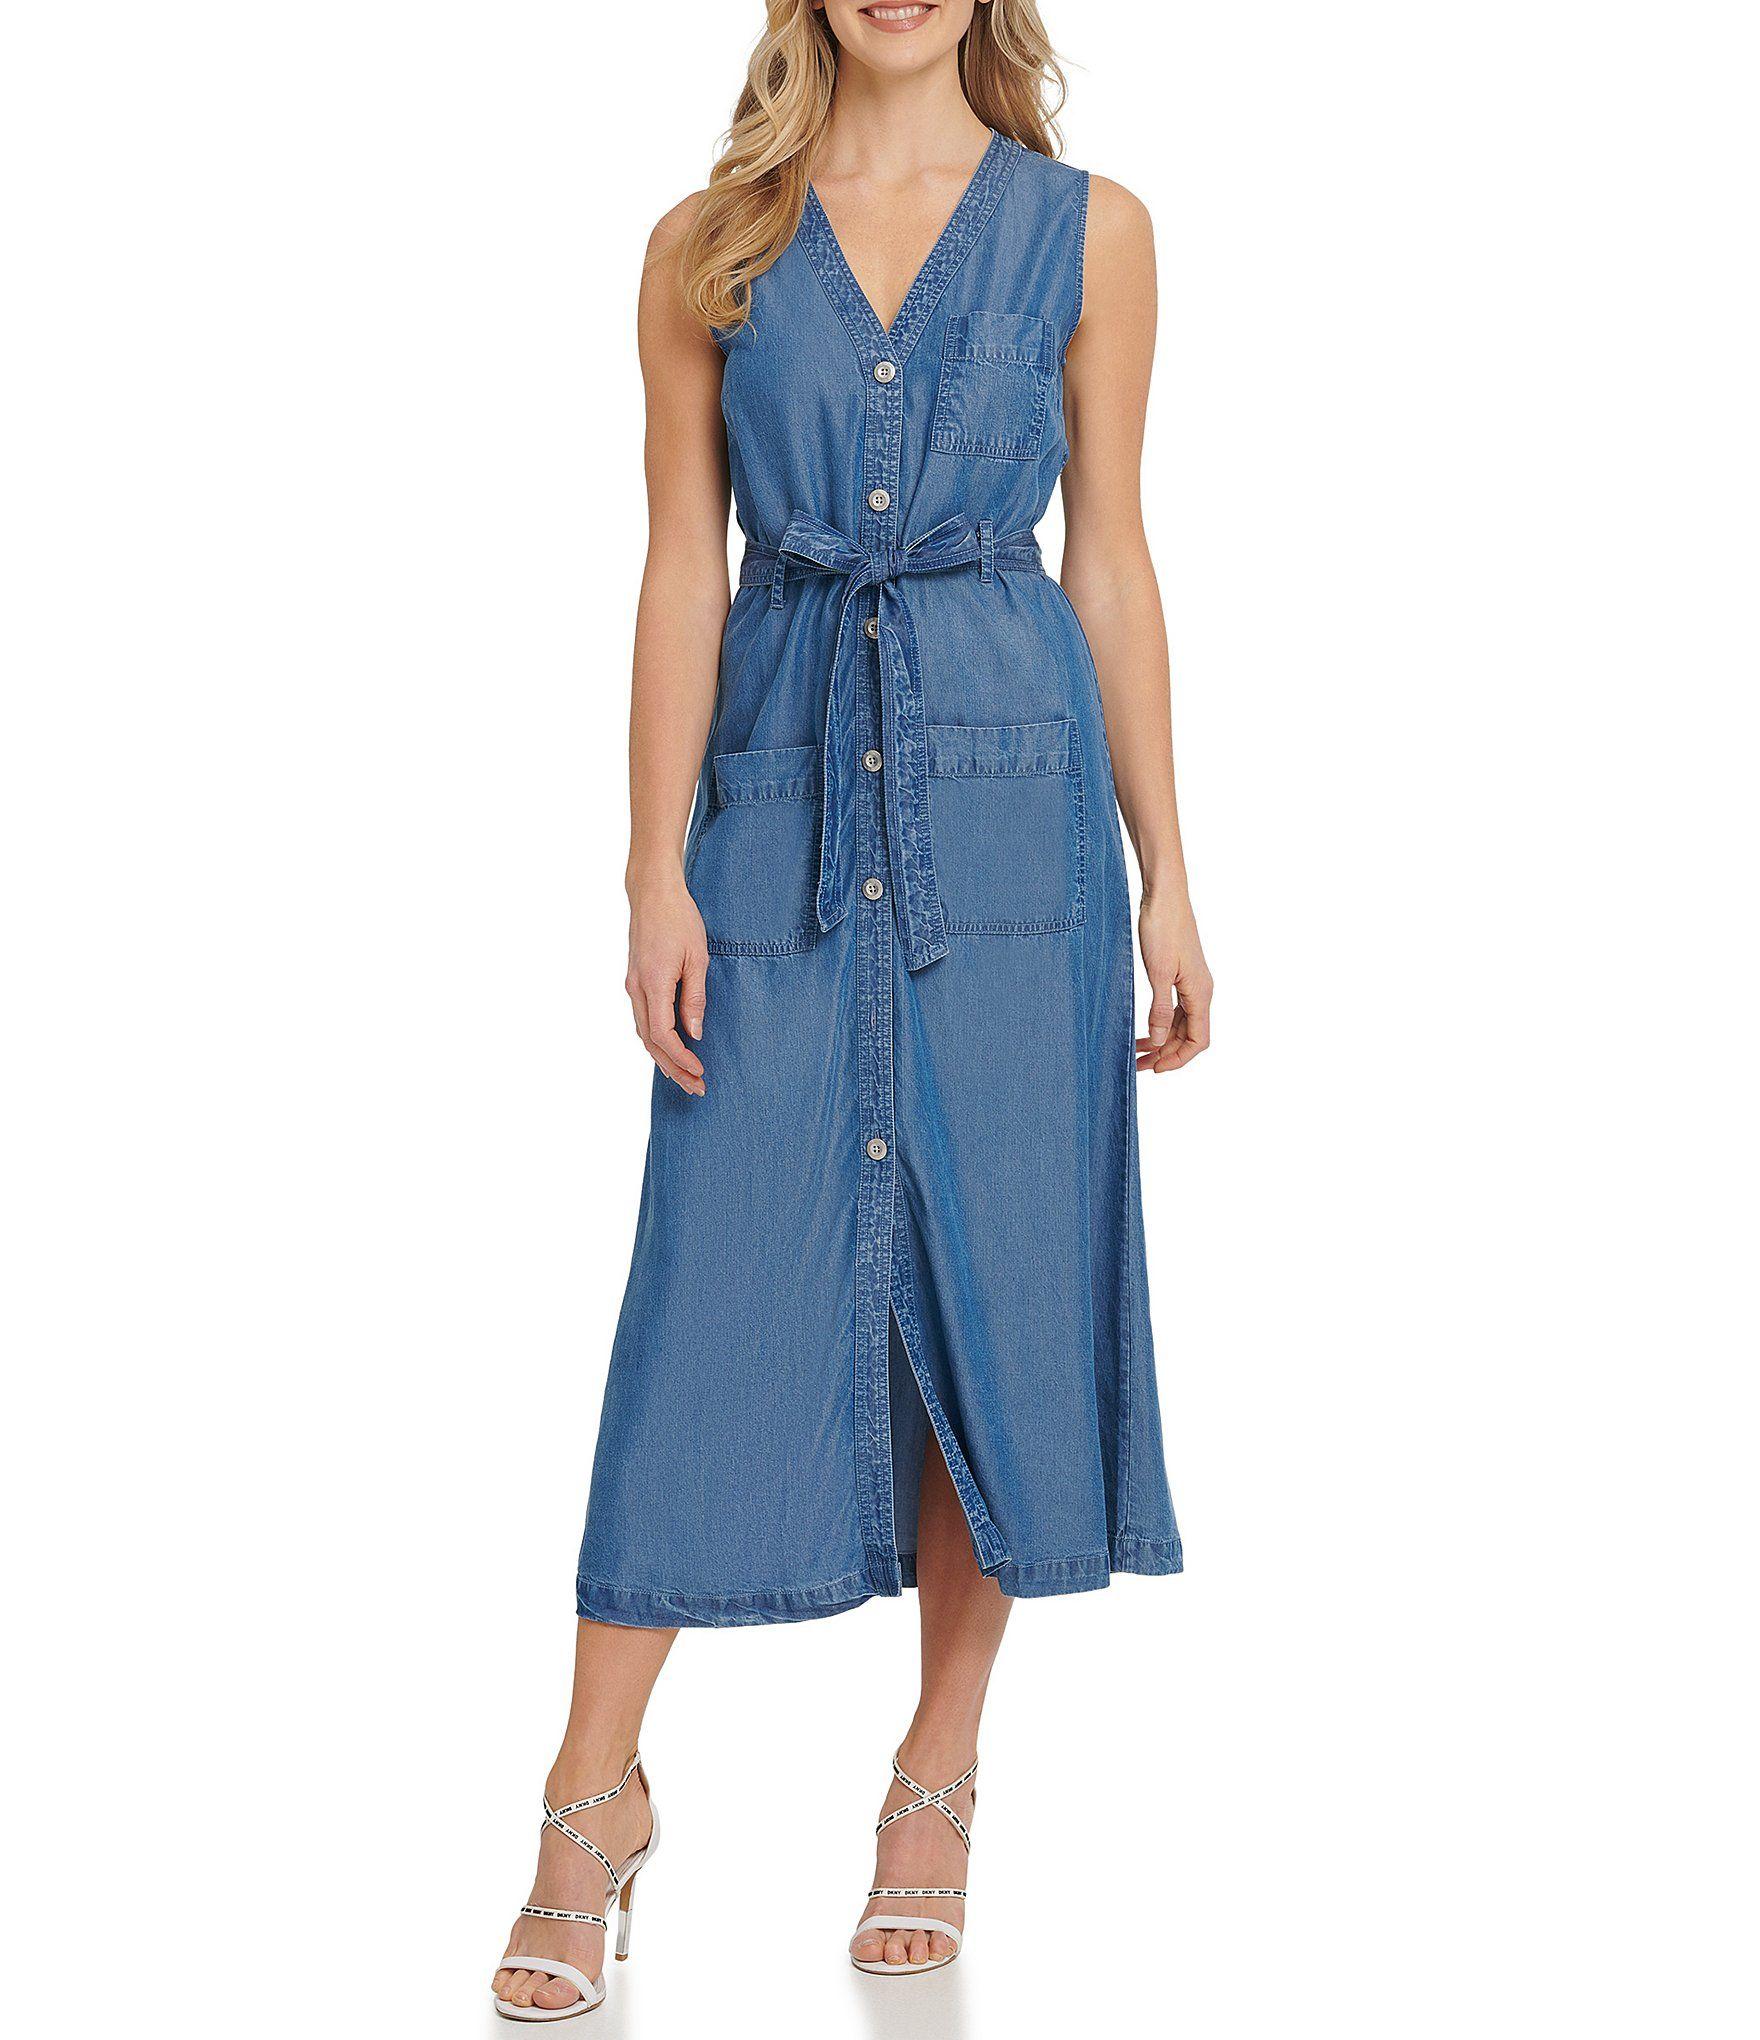 Dkny Jeans Lightweight Denim V Neck Sleeveless Button Front Belted Midi Dress Dillard S Denim Dress Summer Shirt Dress Chambray Shirt Dress [ 2040 x 1760 Pixel ]